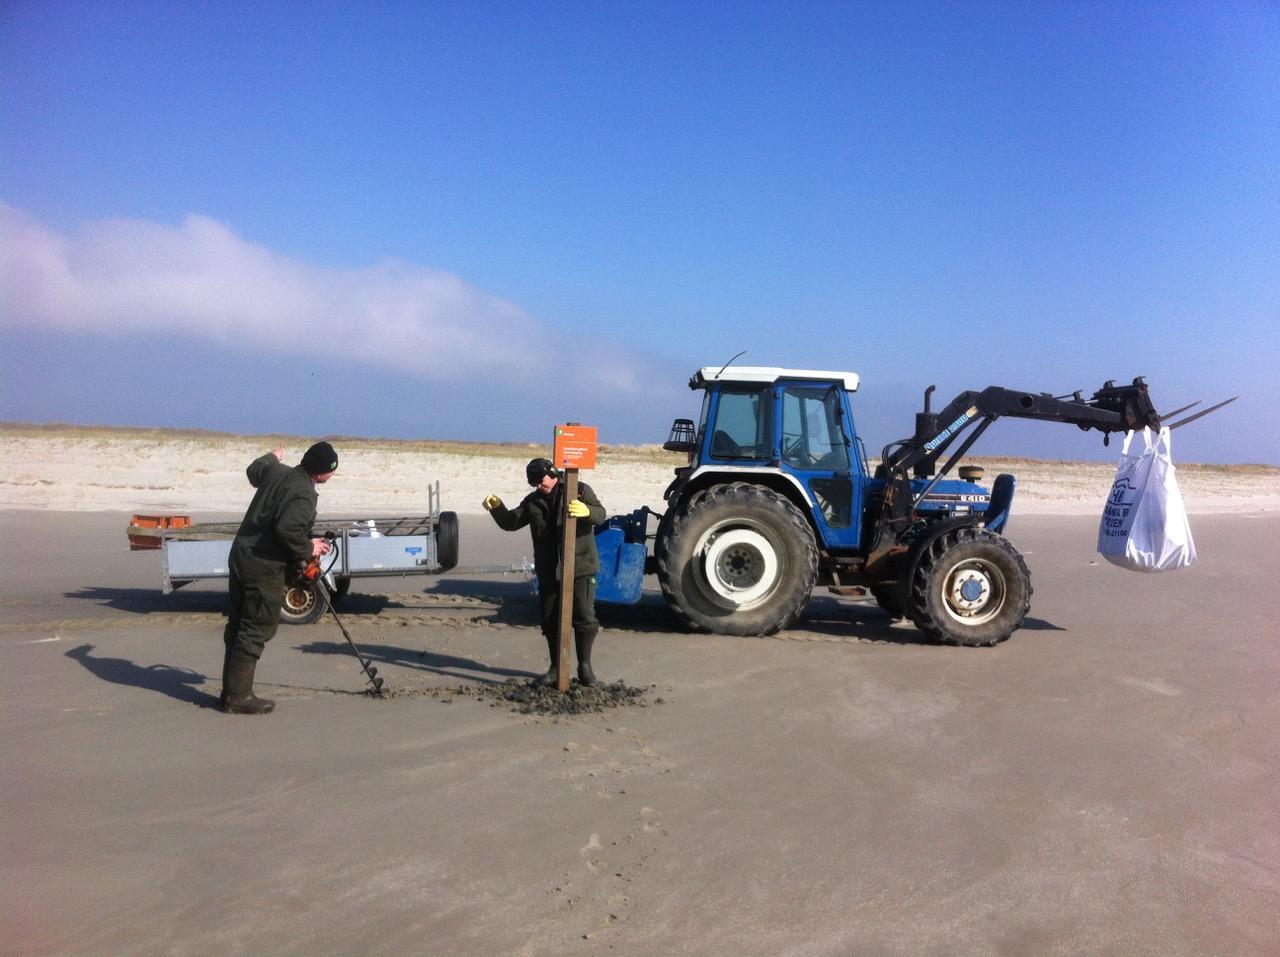 Boswachters Dennis Moerkerken en Henk Mulder in actie. Foto: Doortje Dallmeijer